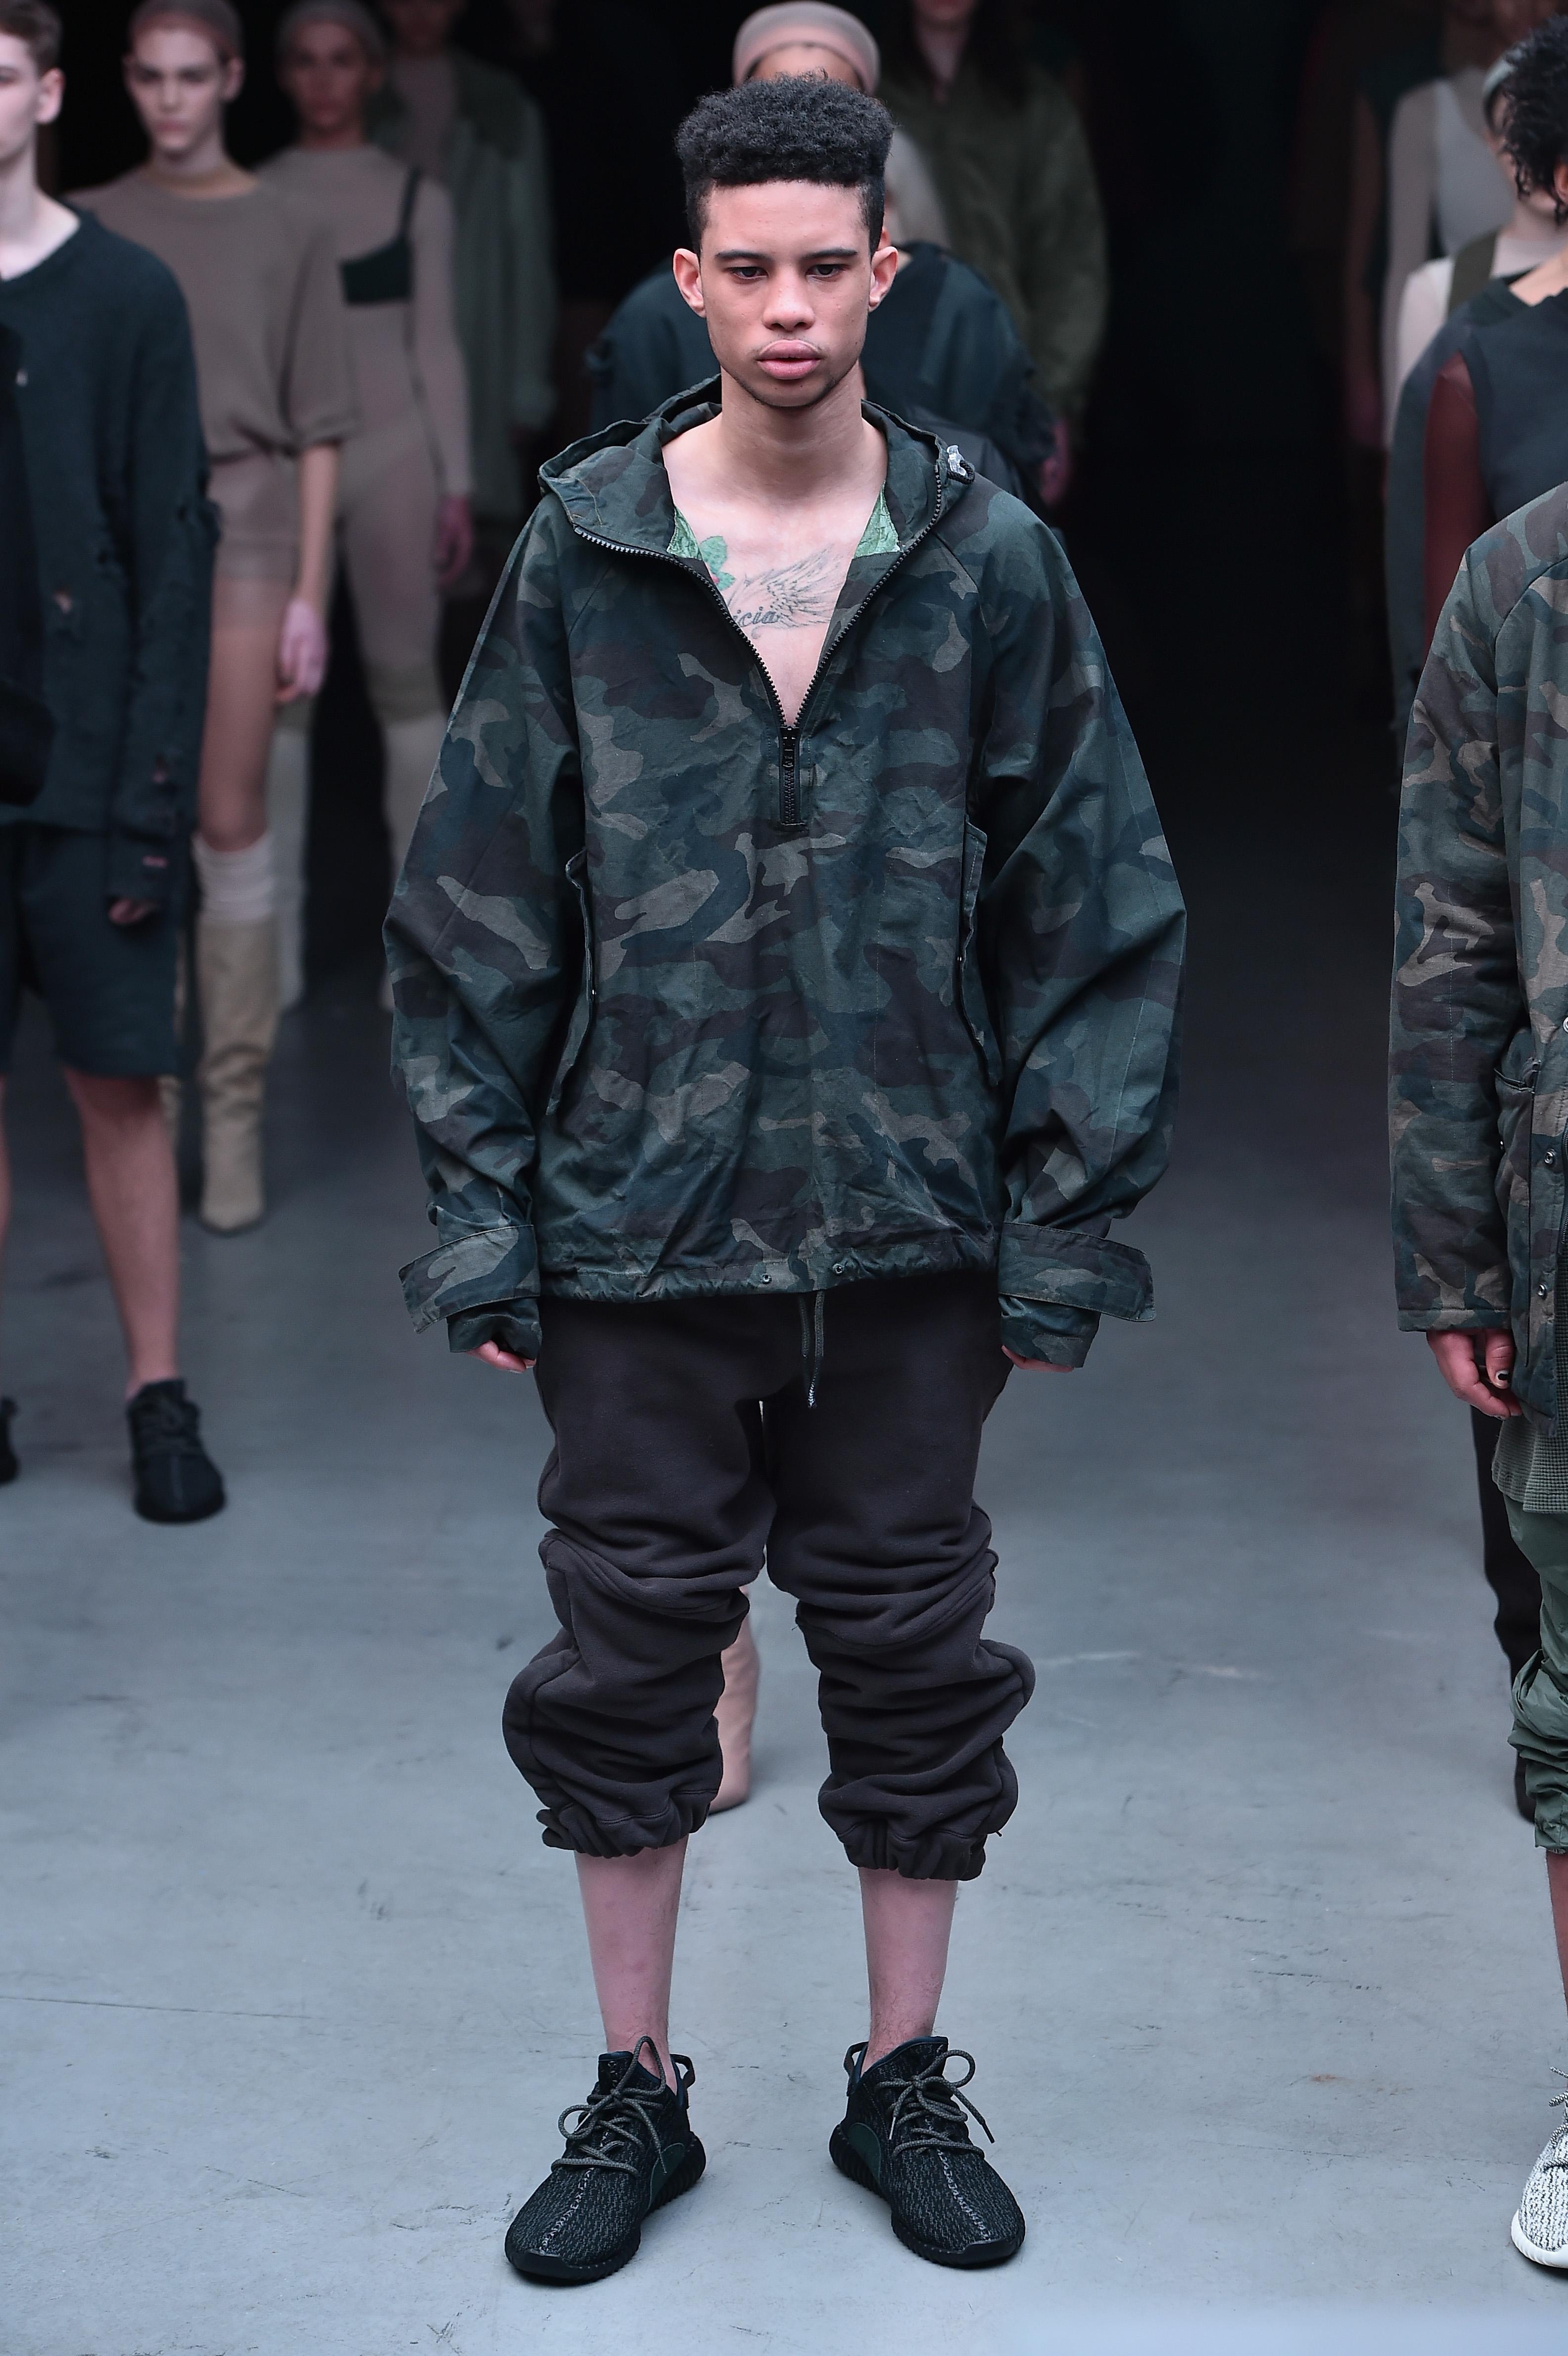 Yeezy Season 1 How to Shop Kanye West x Adidas [Updated] - Racked